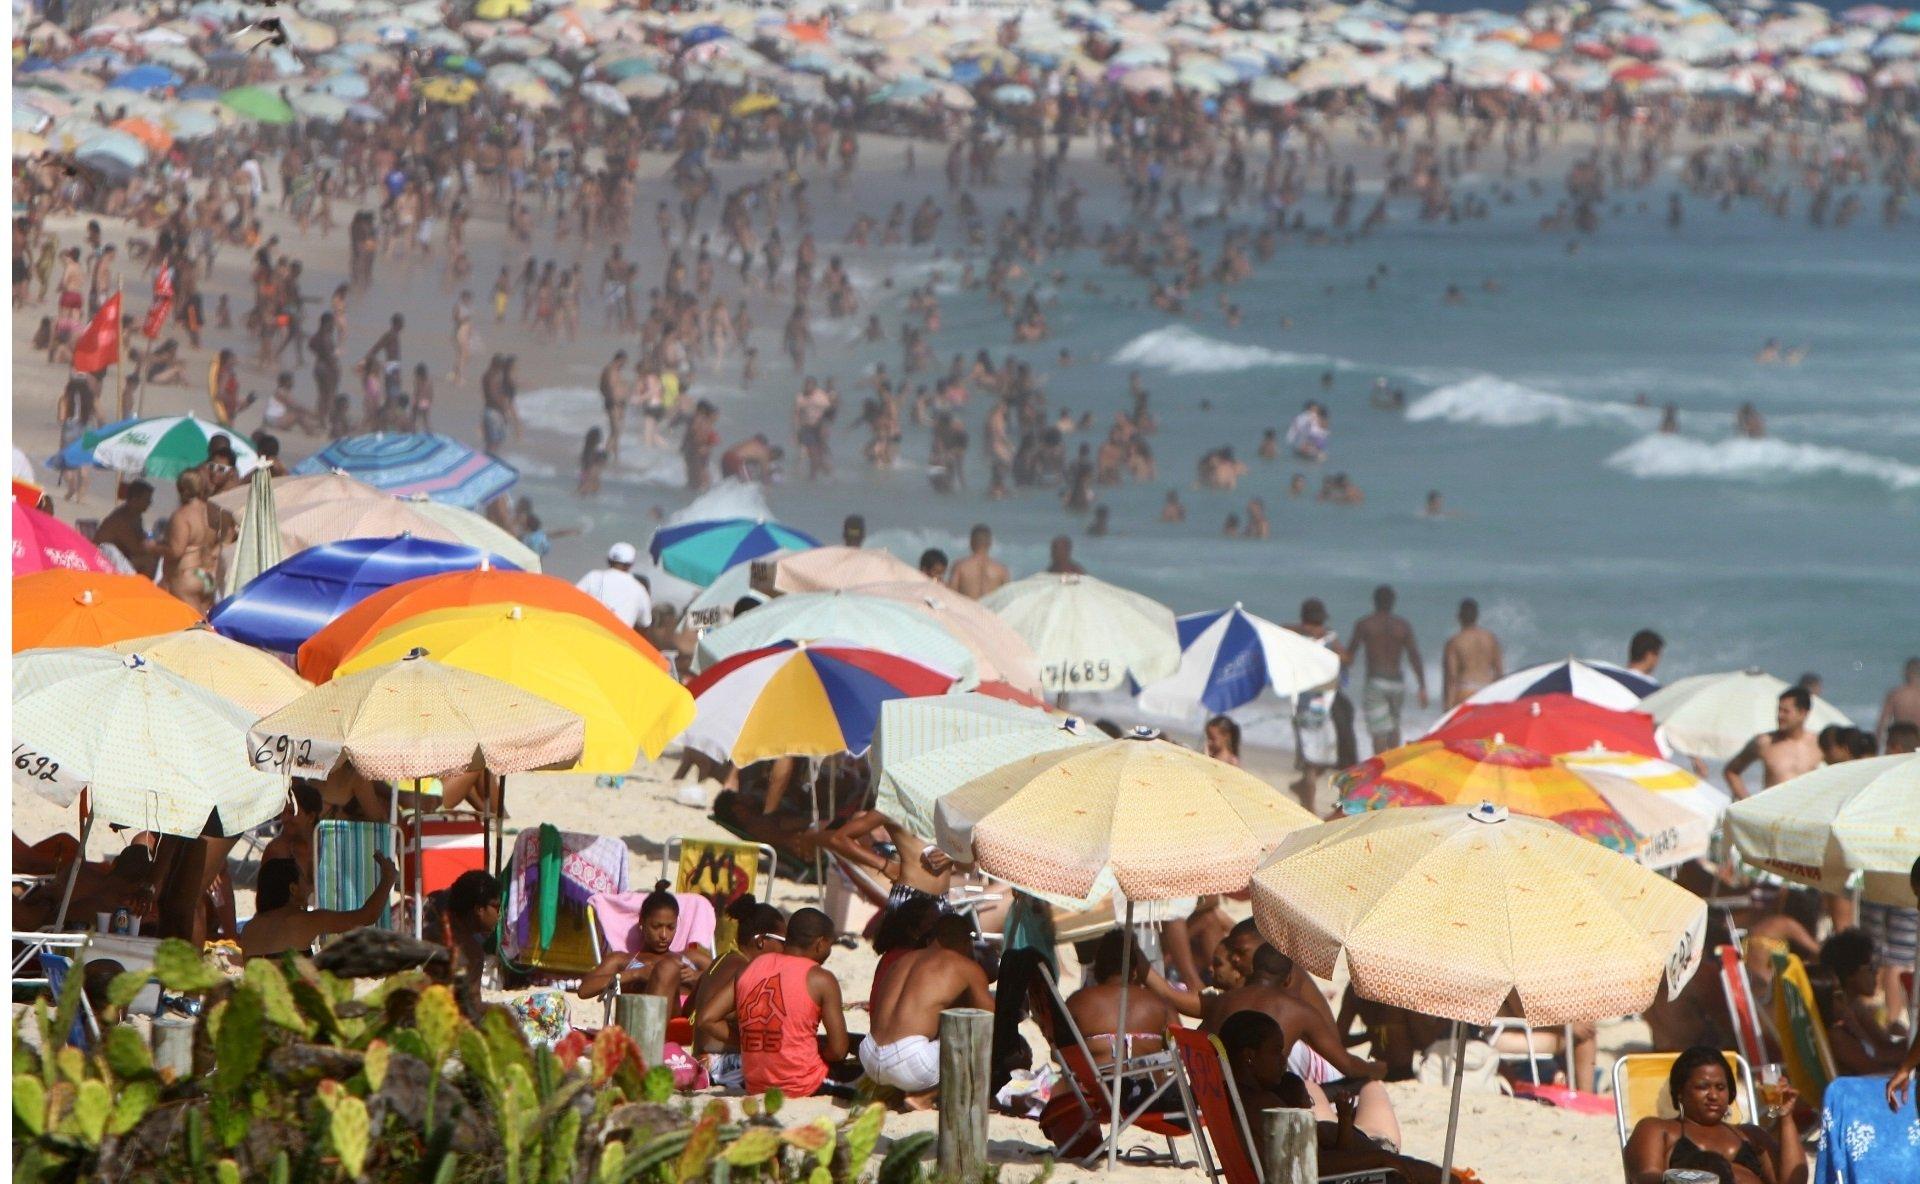 Cerveja, praia e muita seletividade: quando a exceção passa a ser a regra